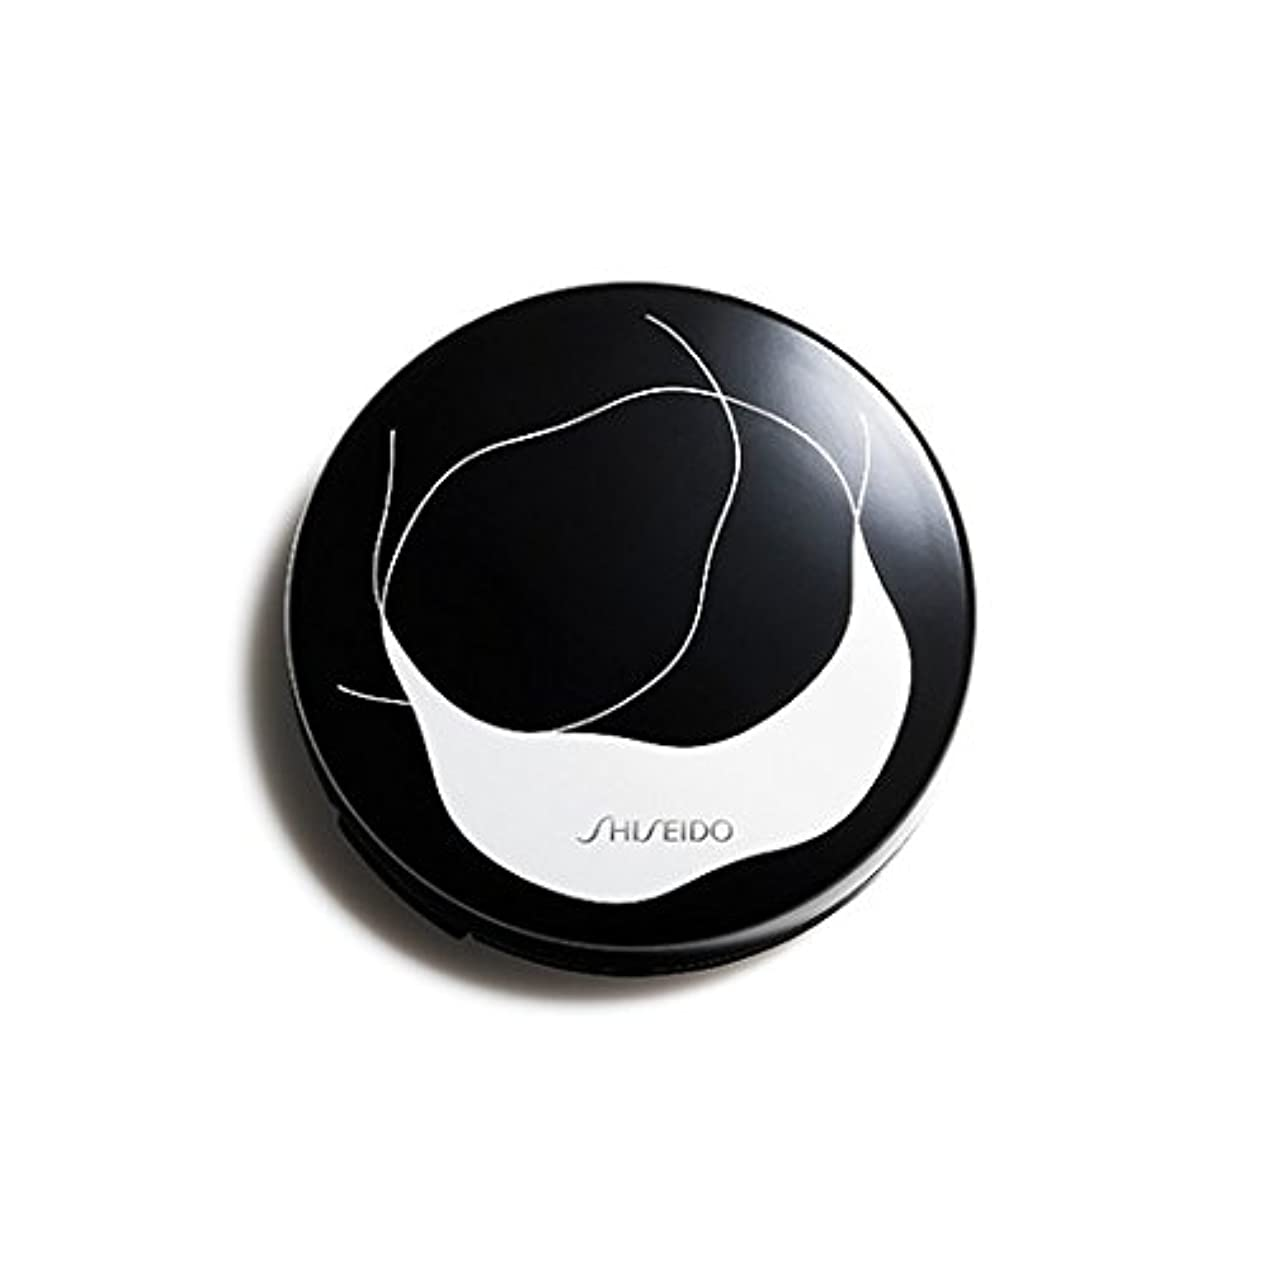 四回モザイク採用するSHISEIDO 資生堂 シンクロスキン グロー クッションコンパクト ケース 国内正規品